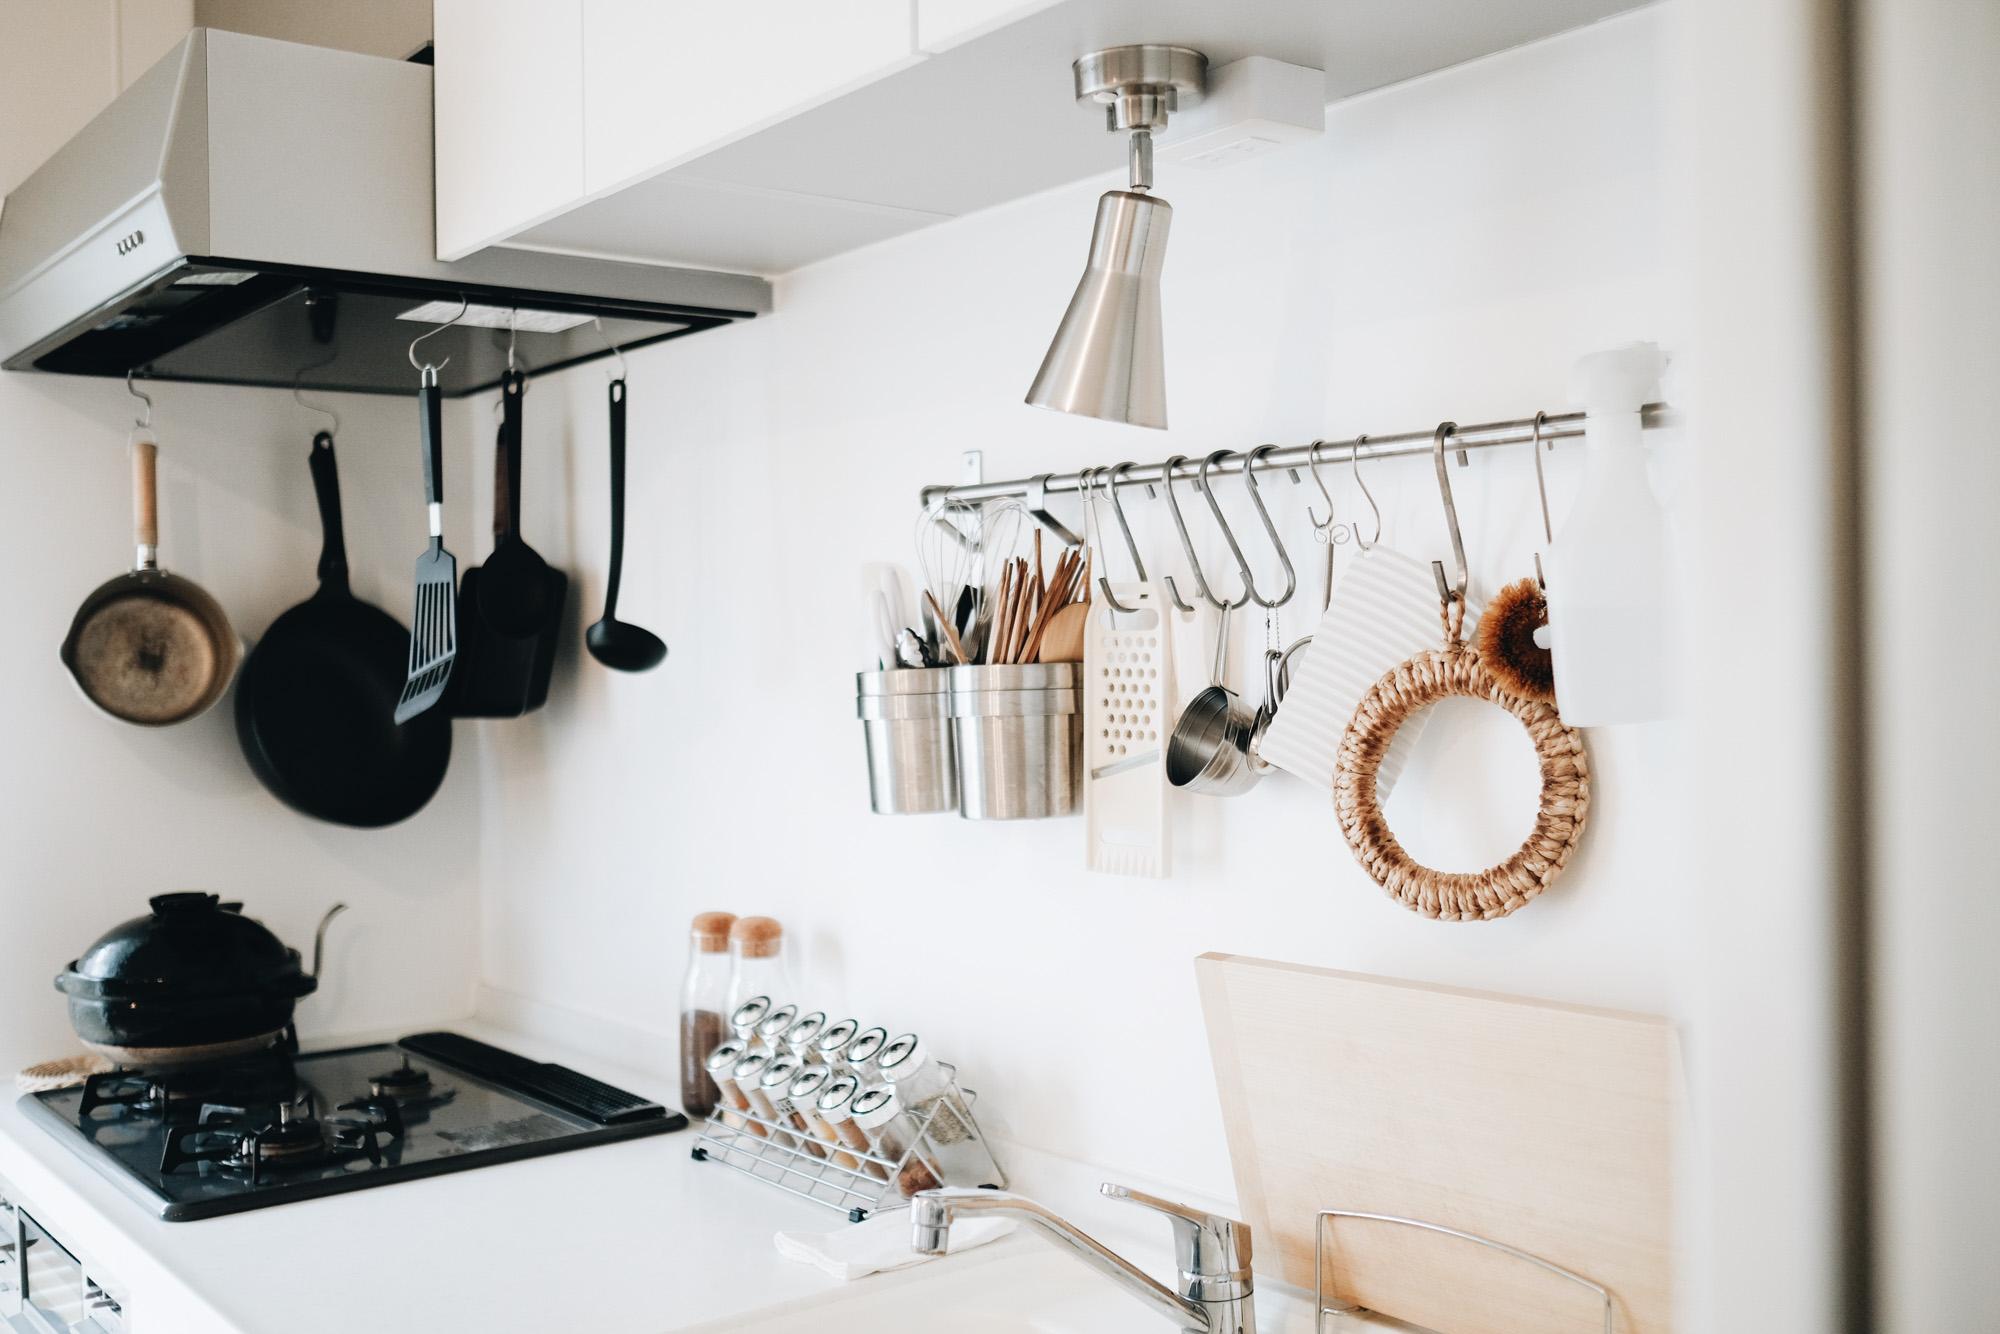 写真左手に窓があるので、窓に対して垂直にキッチンがある状態です。振り返ればダイニングテーブルがあり、料理も出しやすそう。